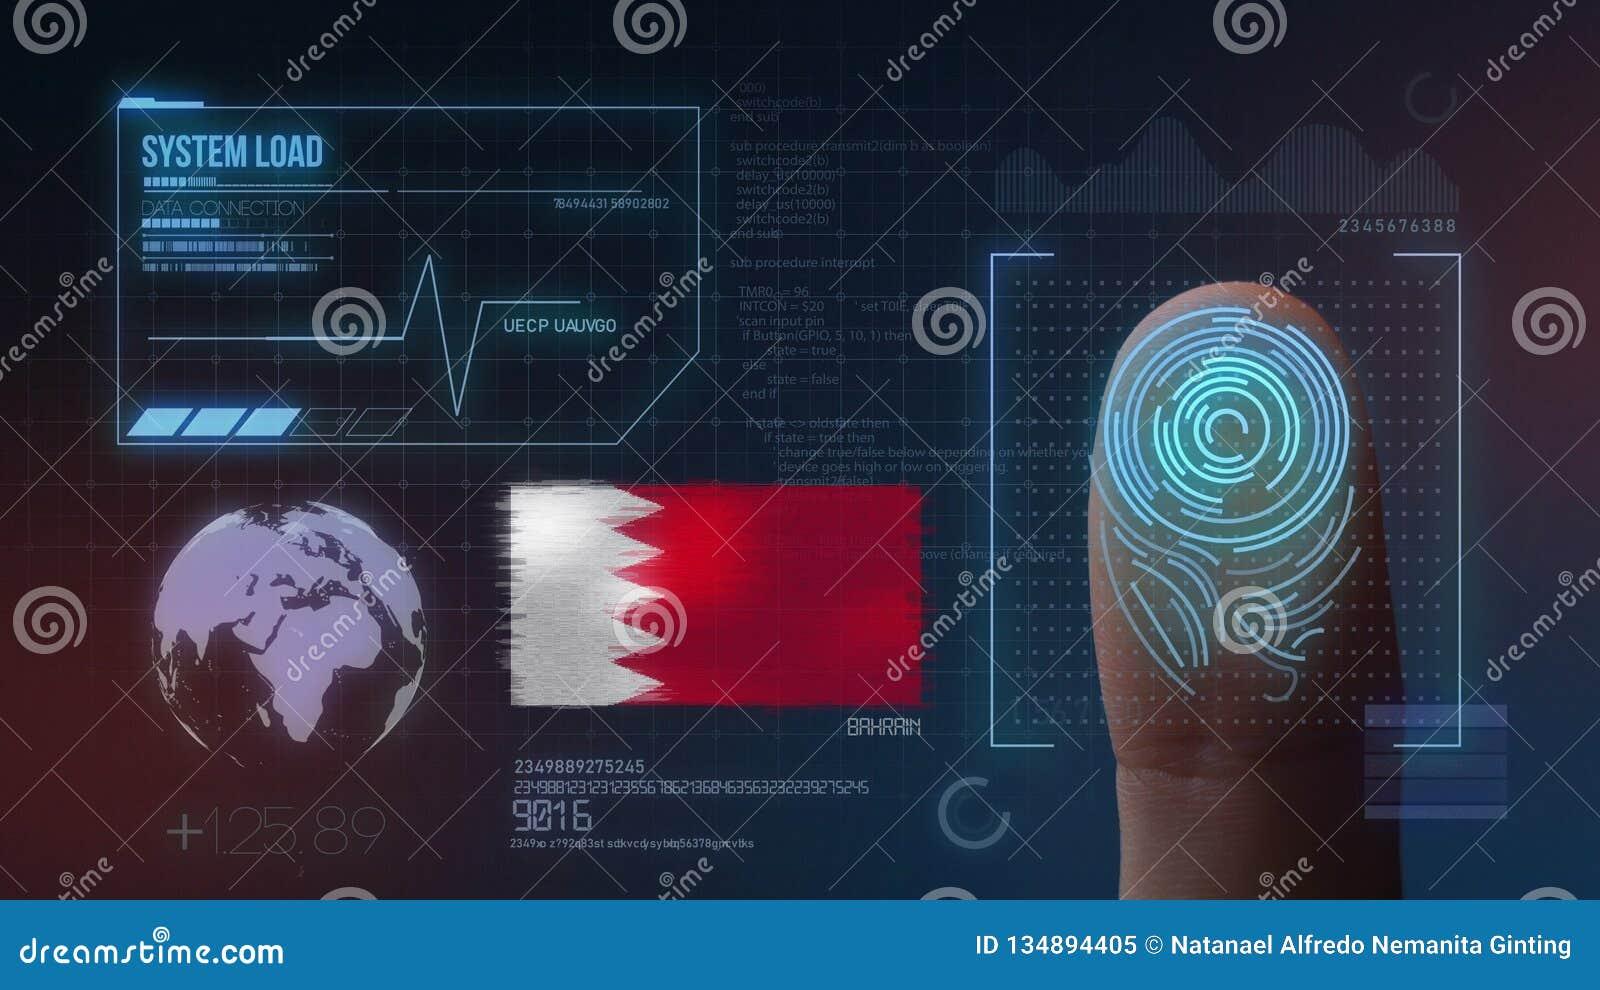 Fingerabdruck-biometrisches Überprüfungsidentifizierungs-System Bahrain-Nationalität